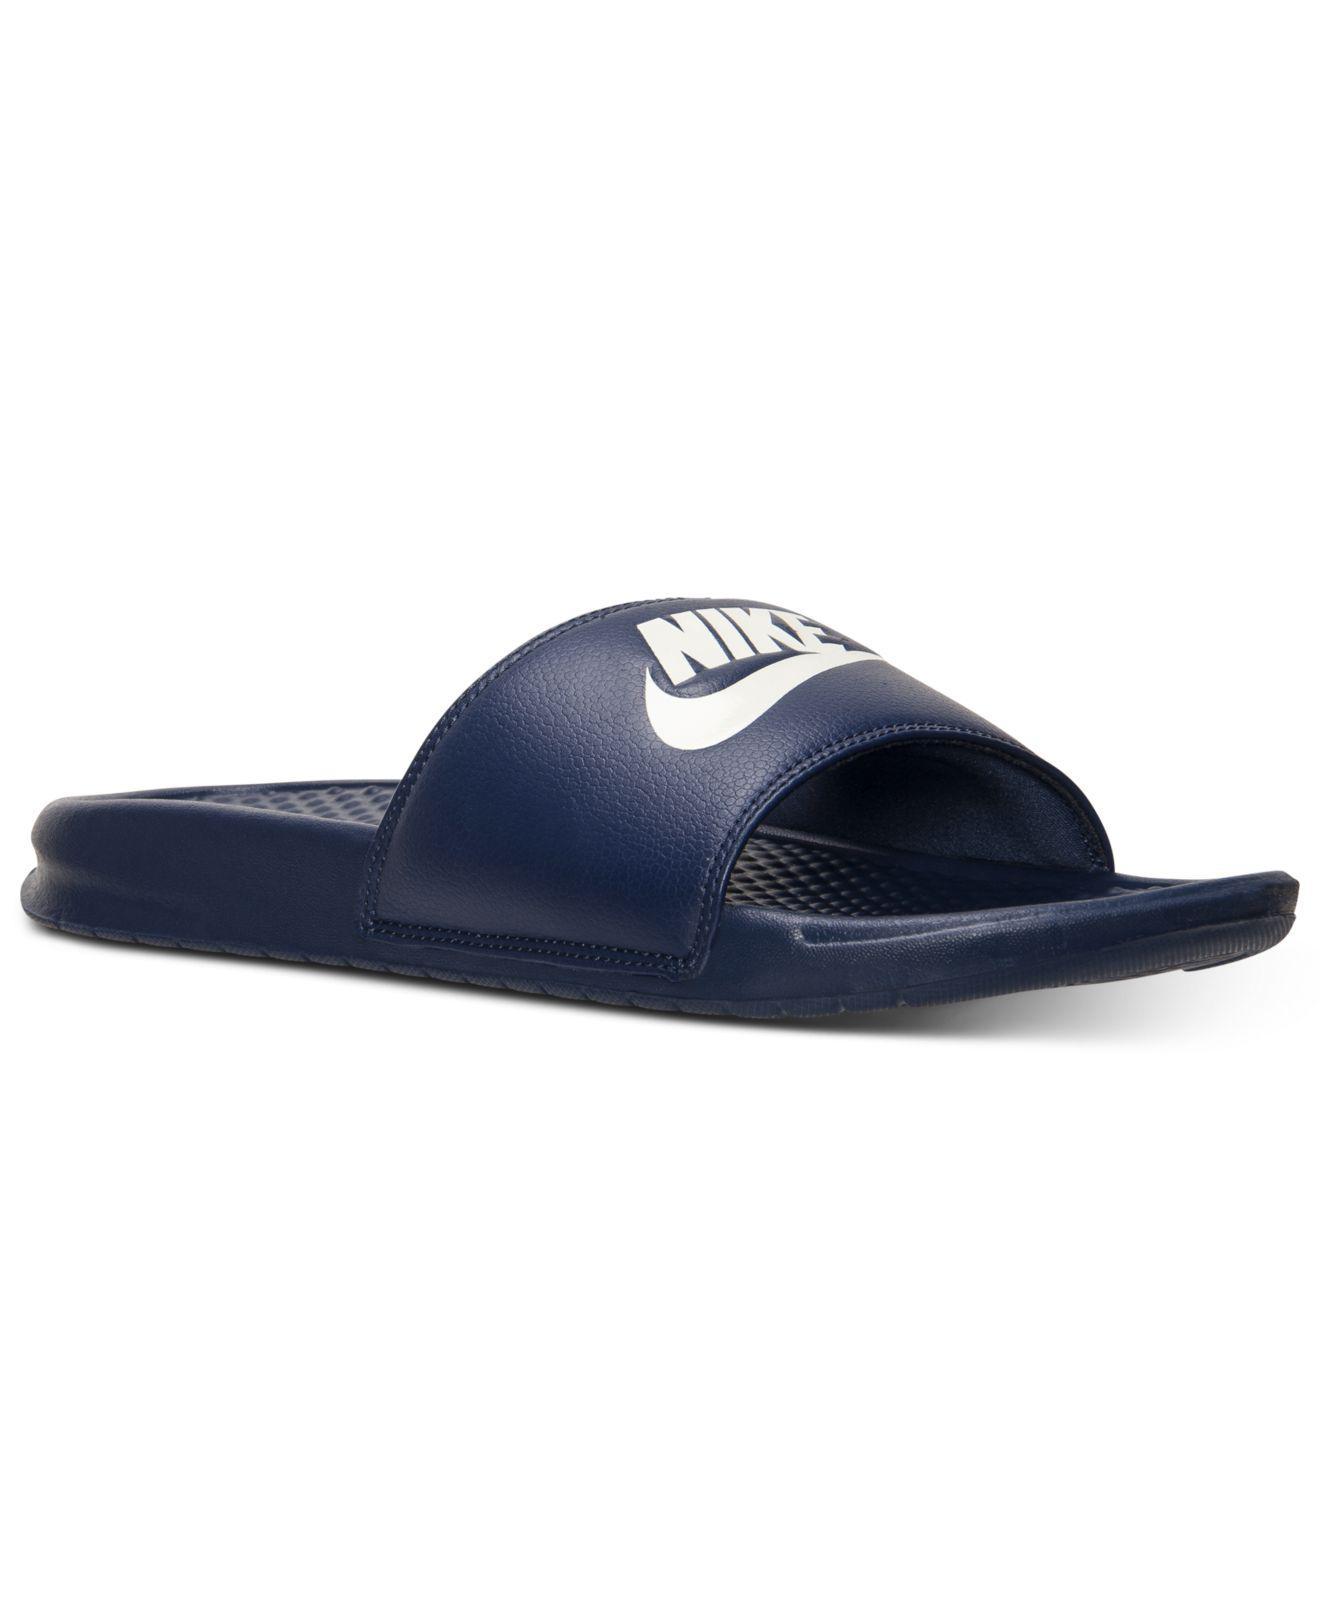 8474251e8 Lyst - Nike Benassi Jdi Slide Sandals From Finish Line in Blue for Men